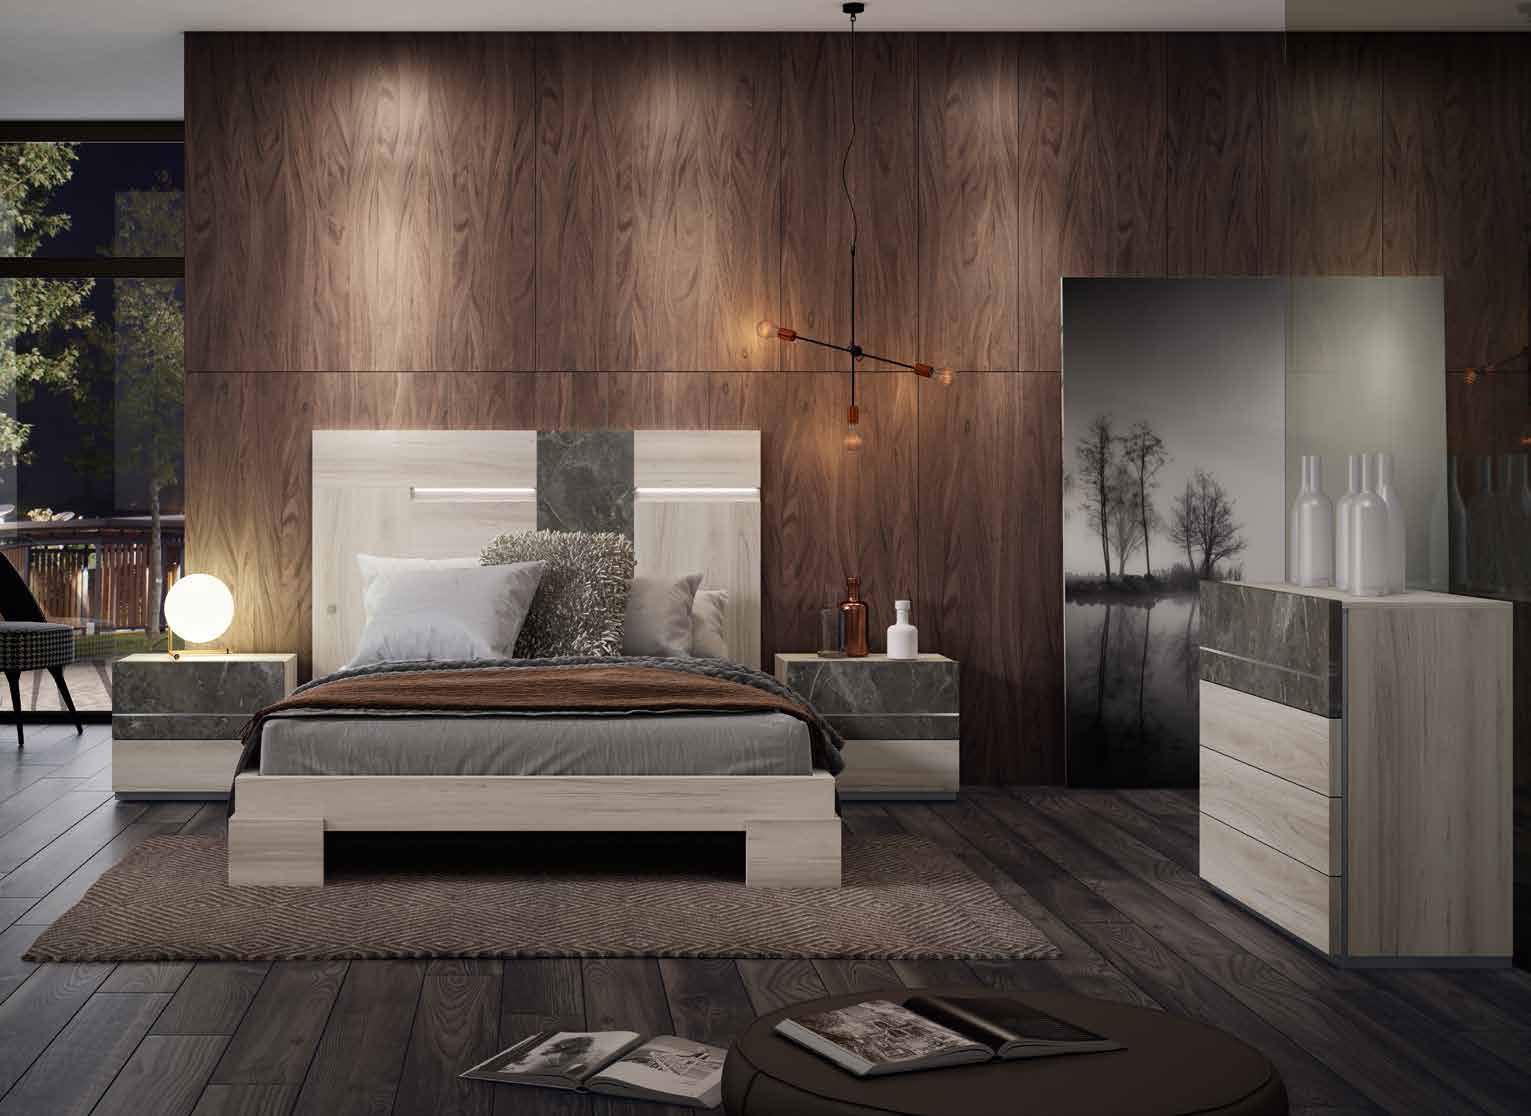 creta-dormitorio-lencas-18